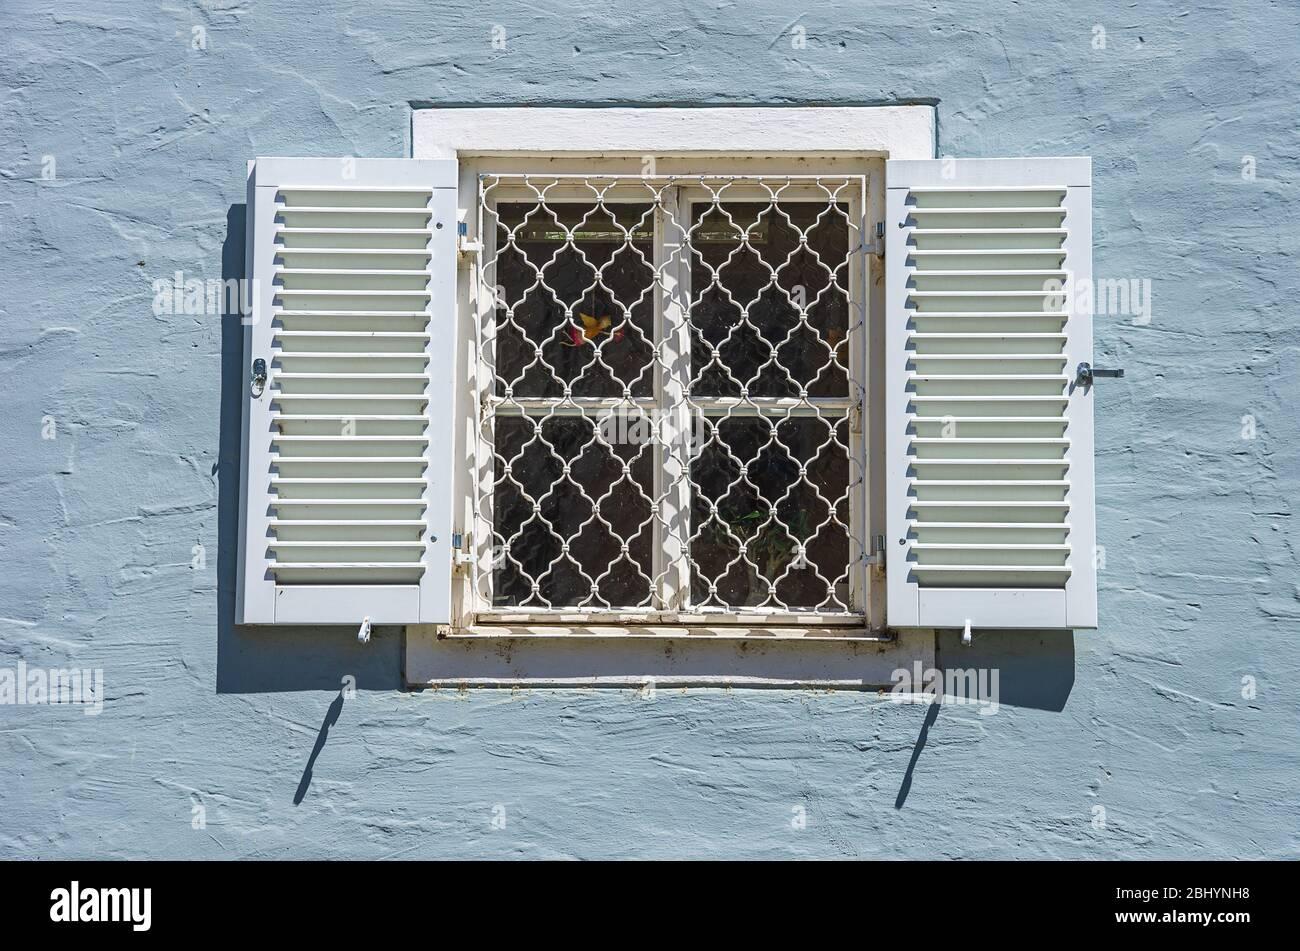 Fenster mit Fensterläden in der Altstadt von Lindau im Bodensee, Bayern, Deutschland. Stockfoto